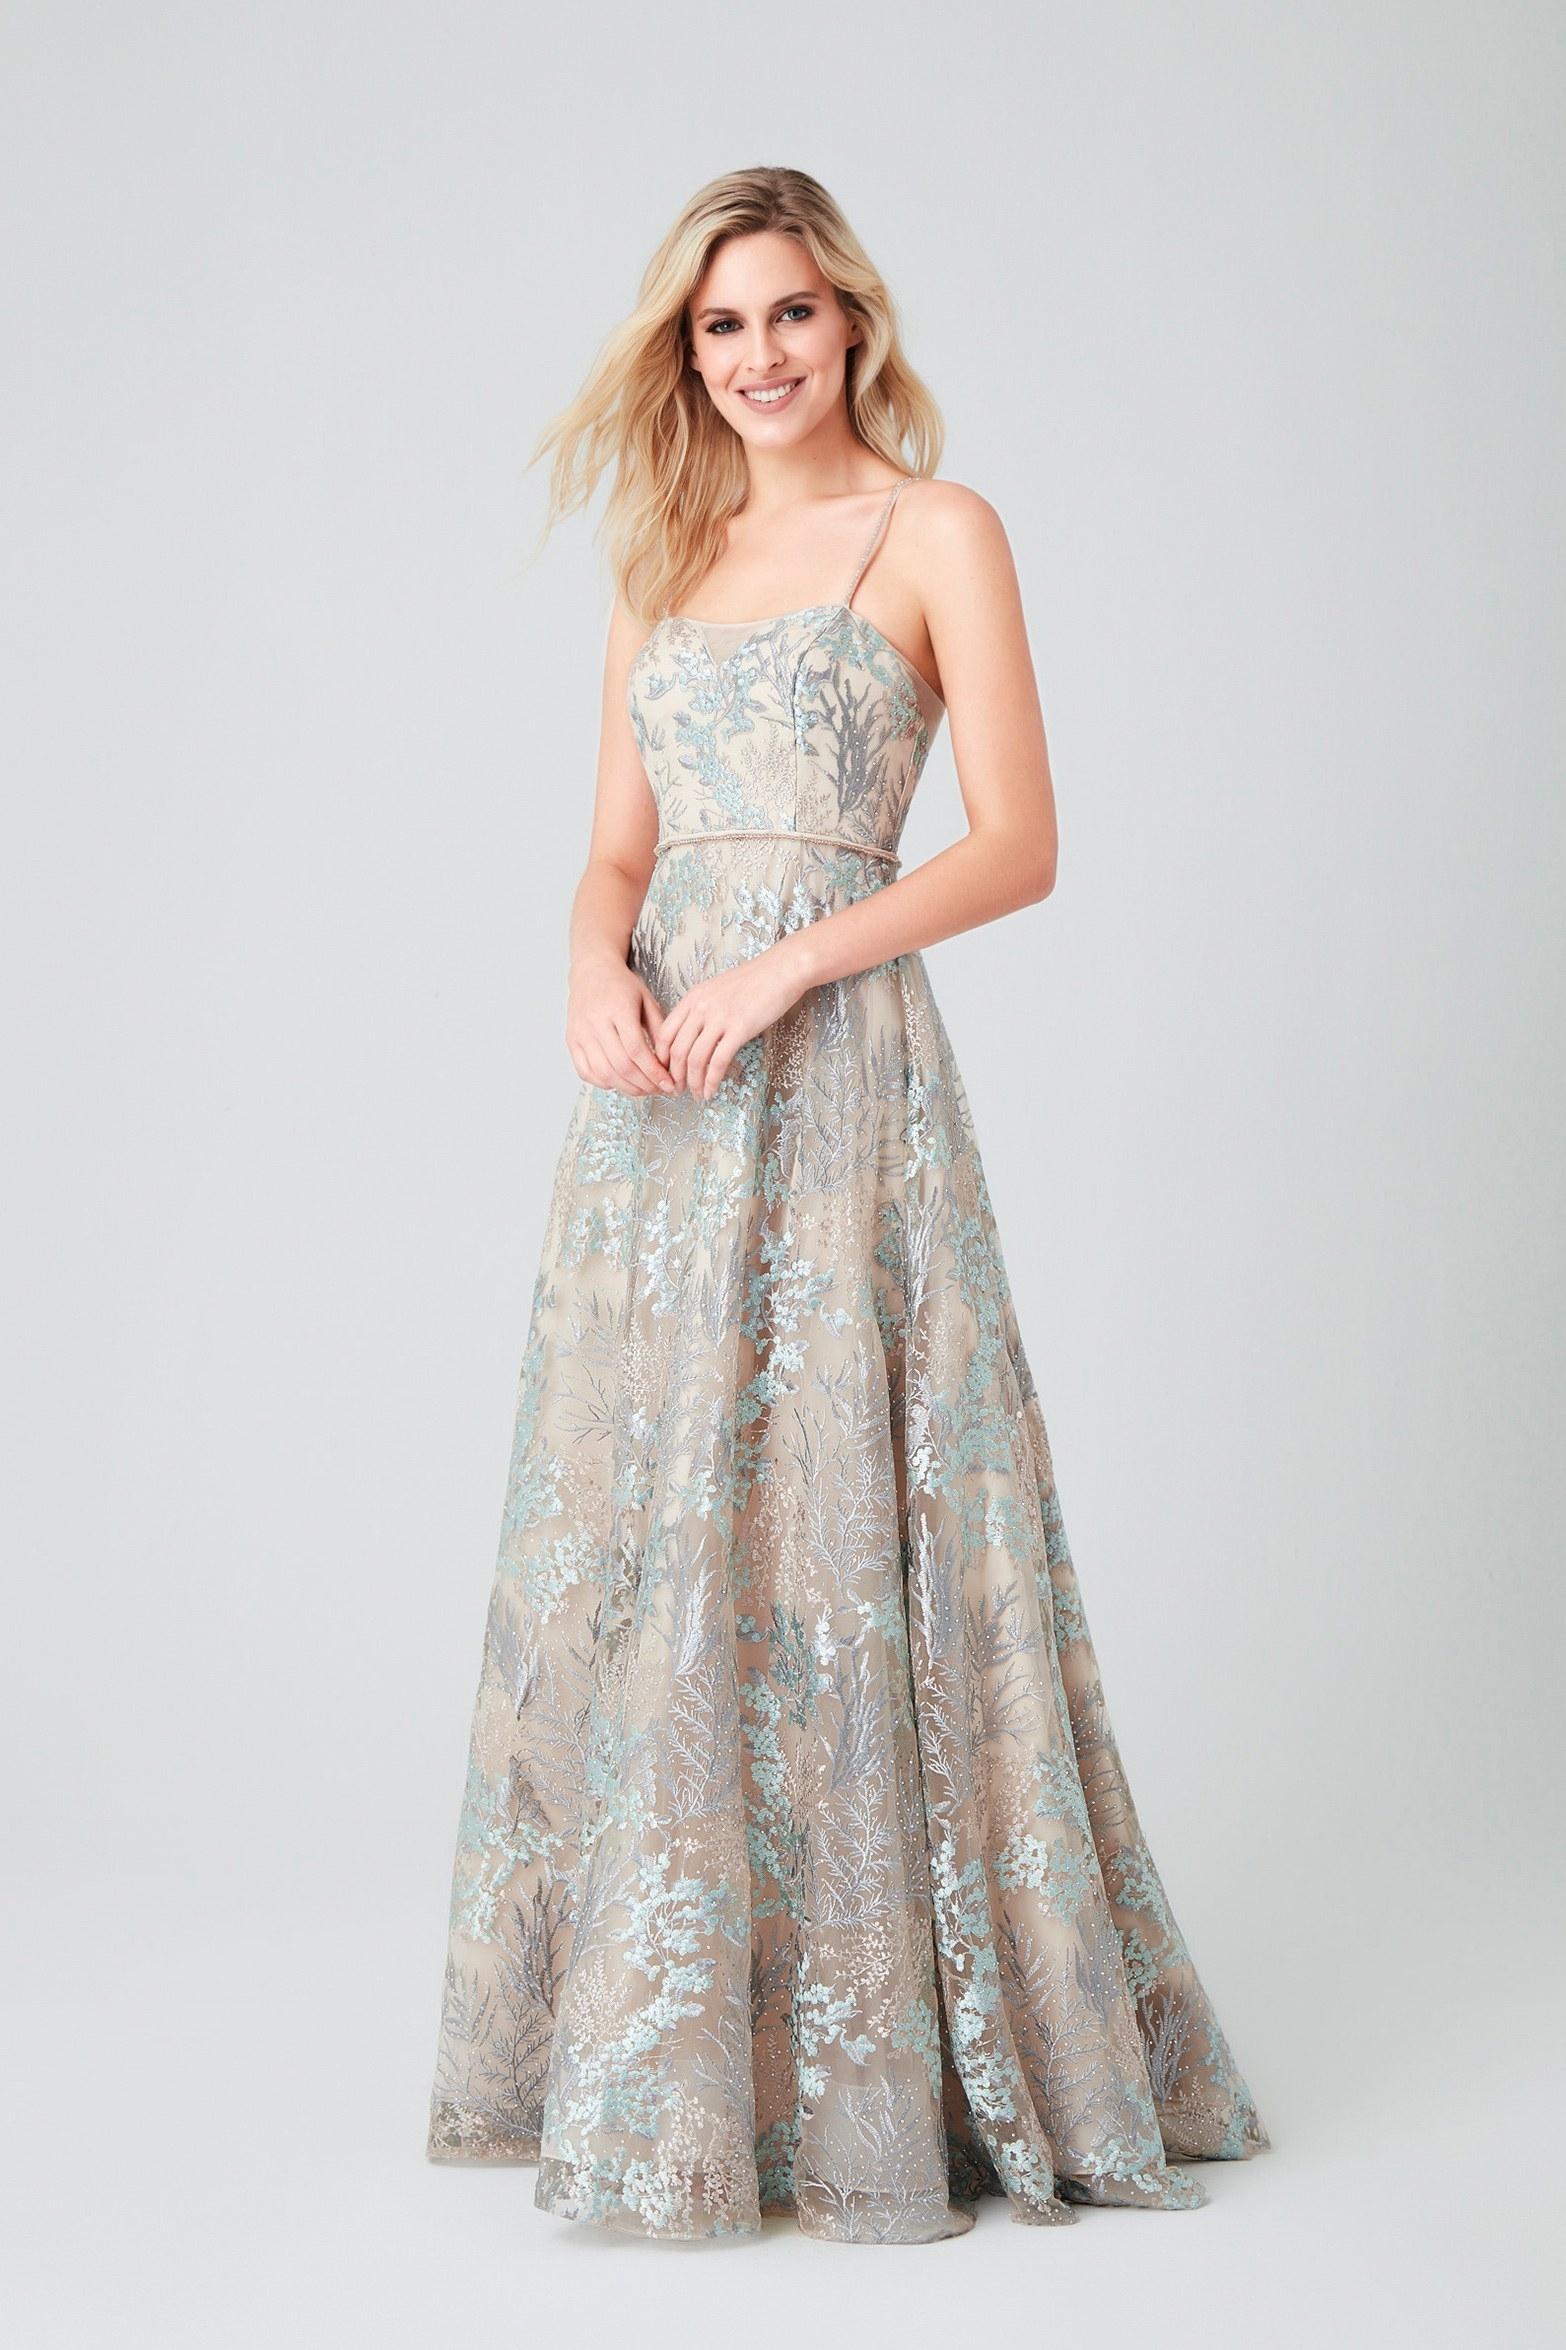 Renkli Askılı Dantel Uzun Gece Elbisesi - Thumbnail